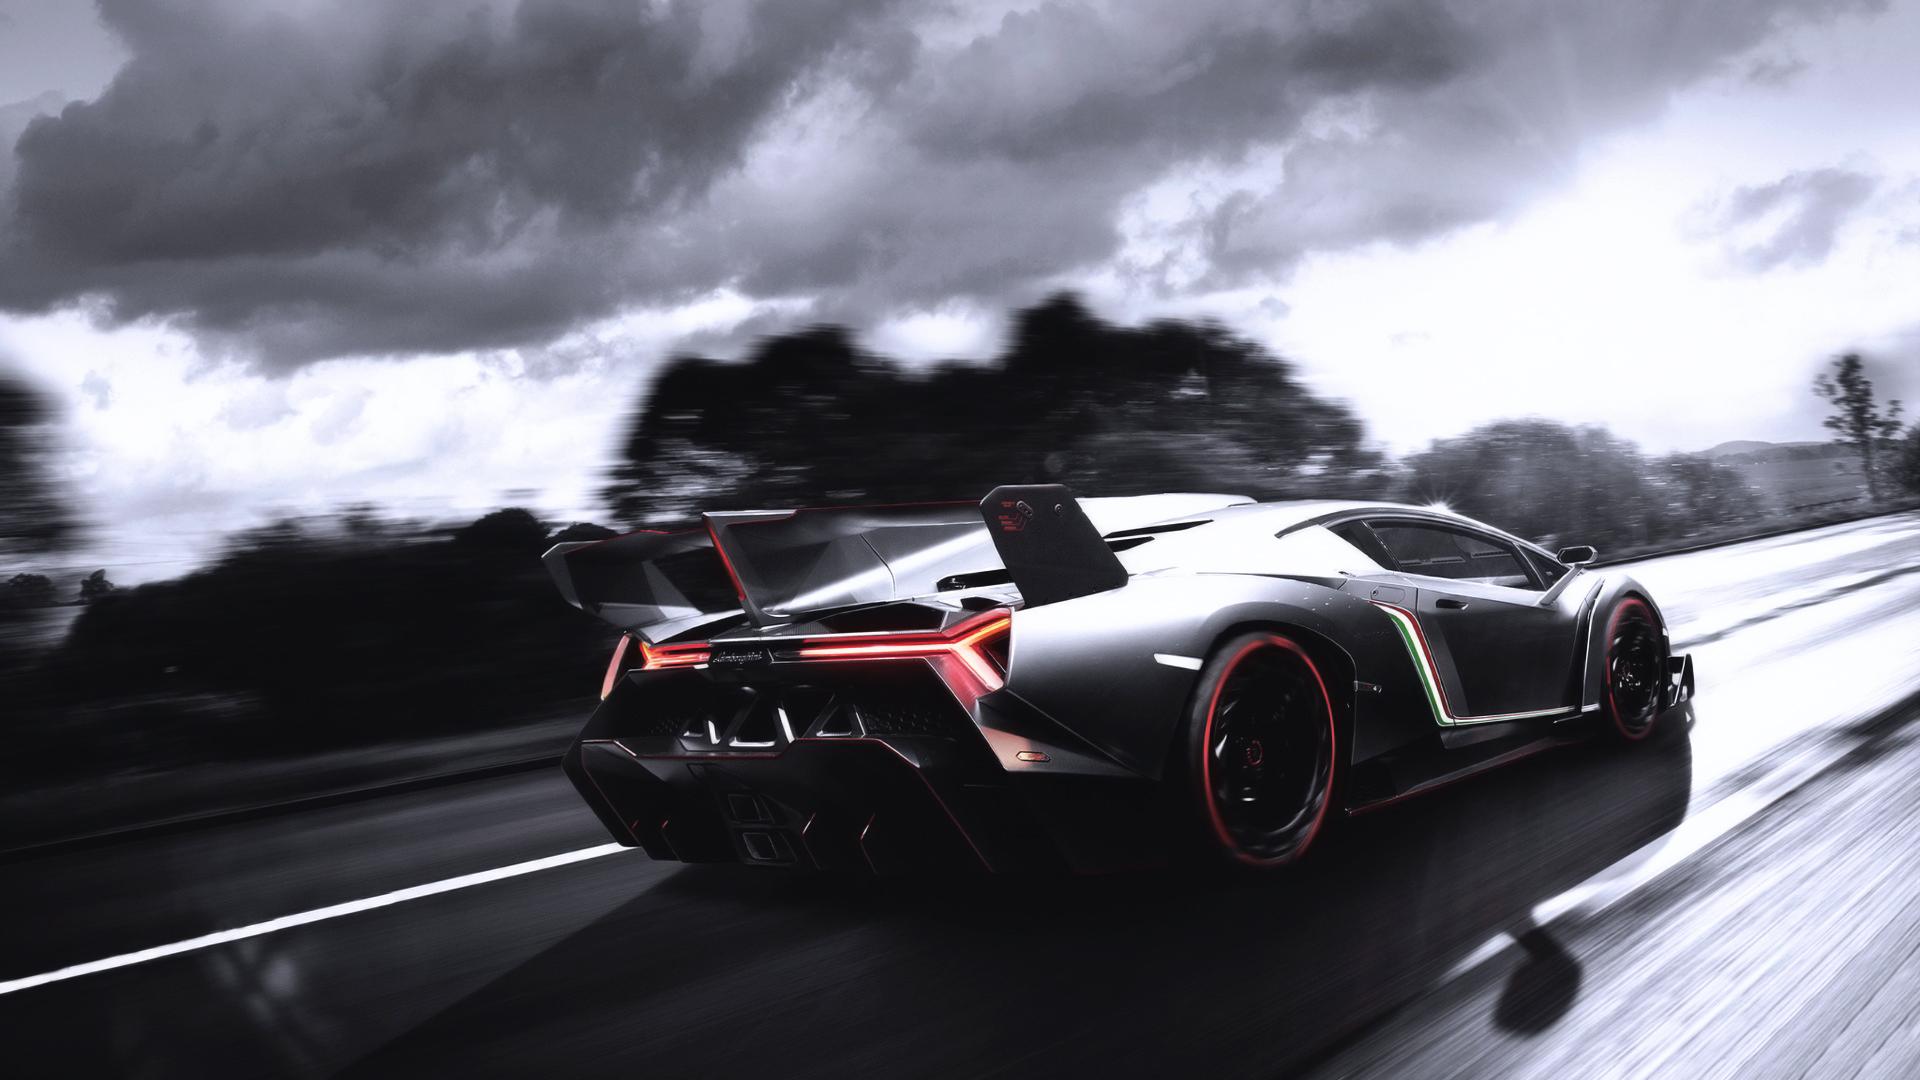 Lamborghini, скорость, тучи